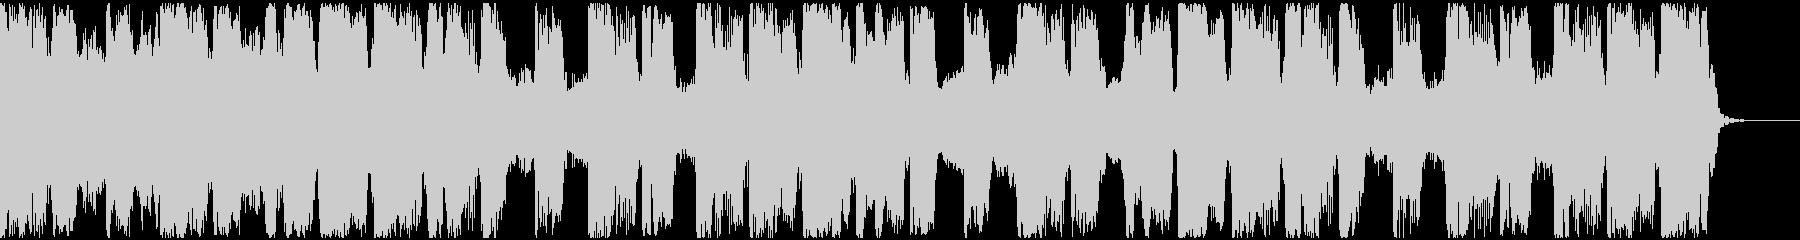 【フューチャーベース】4、ショート3の未再生の波形